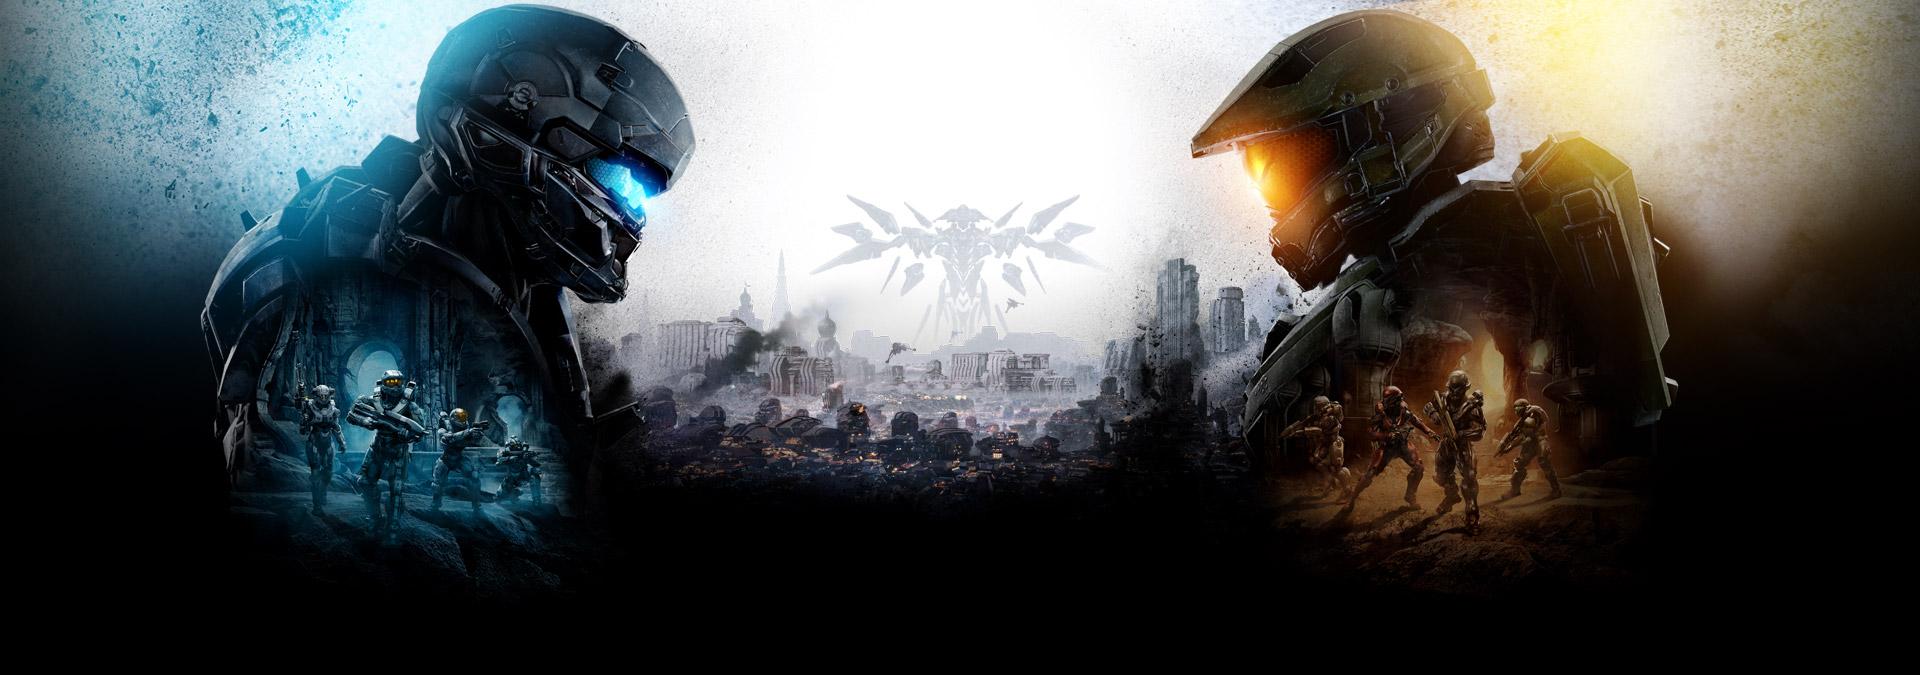 Halo 5: Guardians - Novas imagens do modo Warzone e da Campanha H5-jmd-hero-large-1920x675_v3-fb54d5230ebe4de48bfc946f60187d26